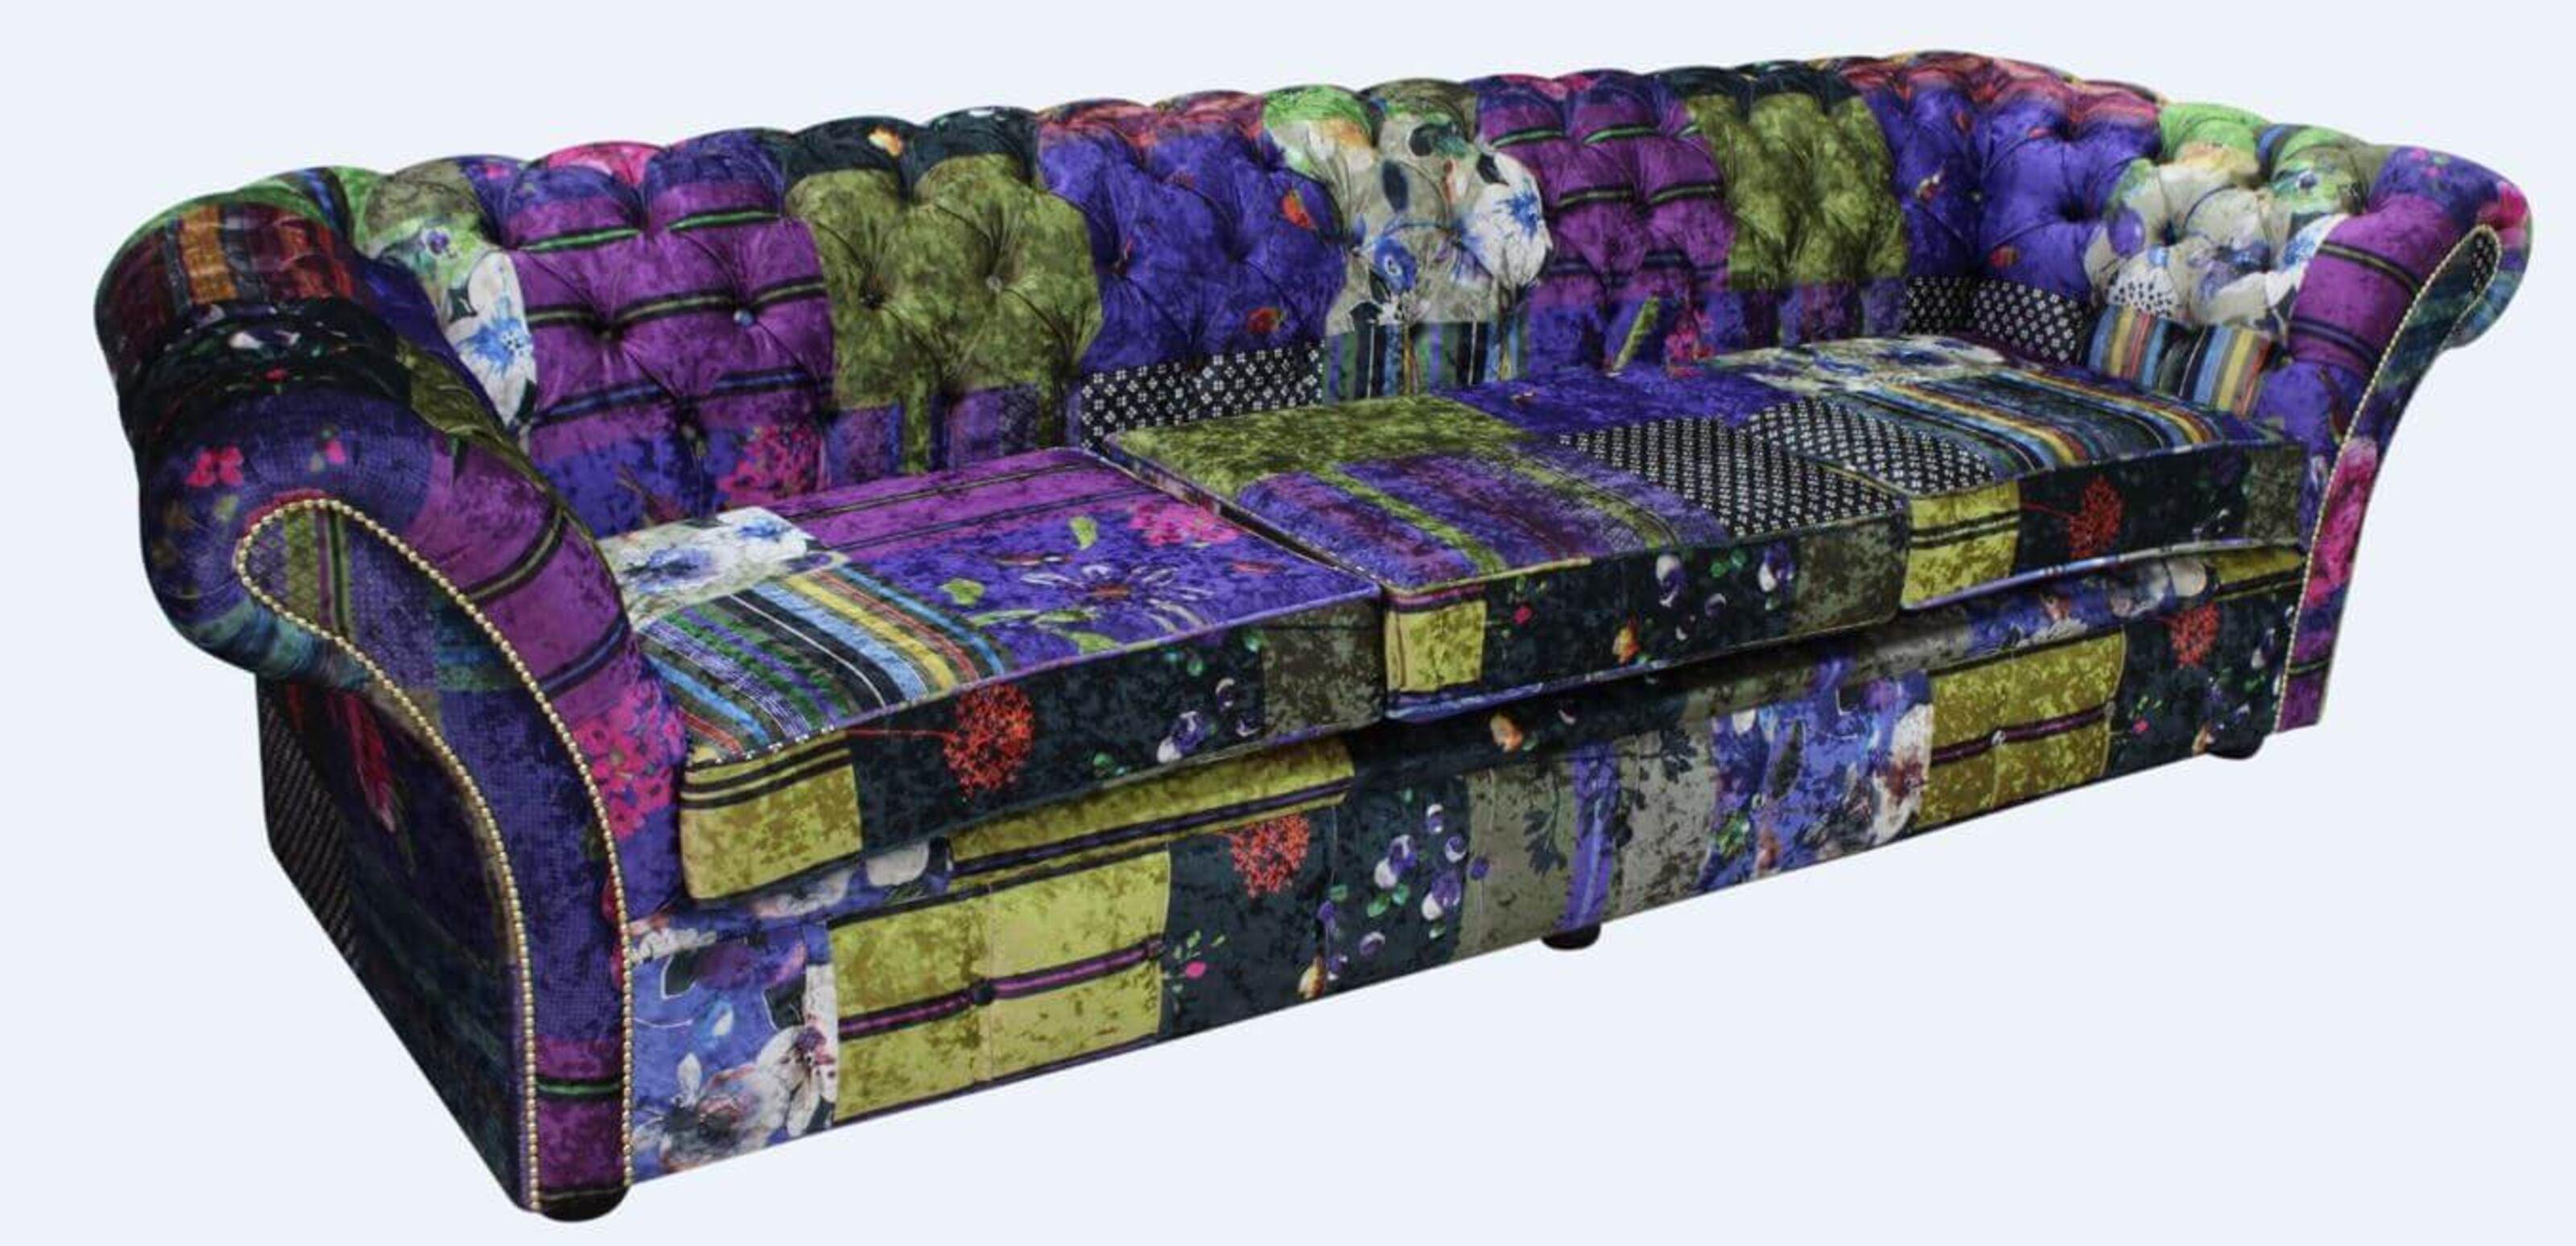 Chesterfield Balmoral Patchwork 4 Seater Sofa Settee London Multi Velvet